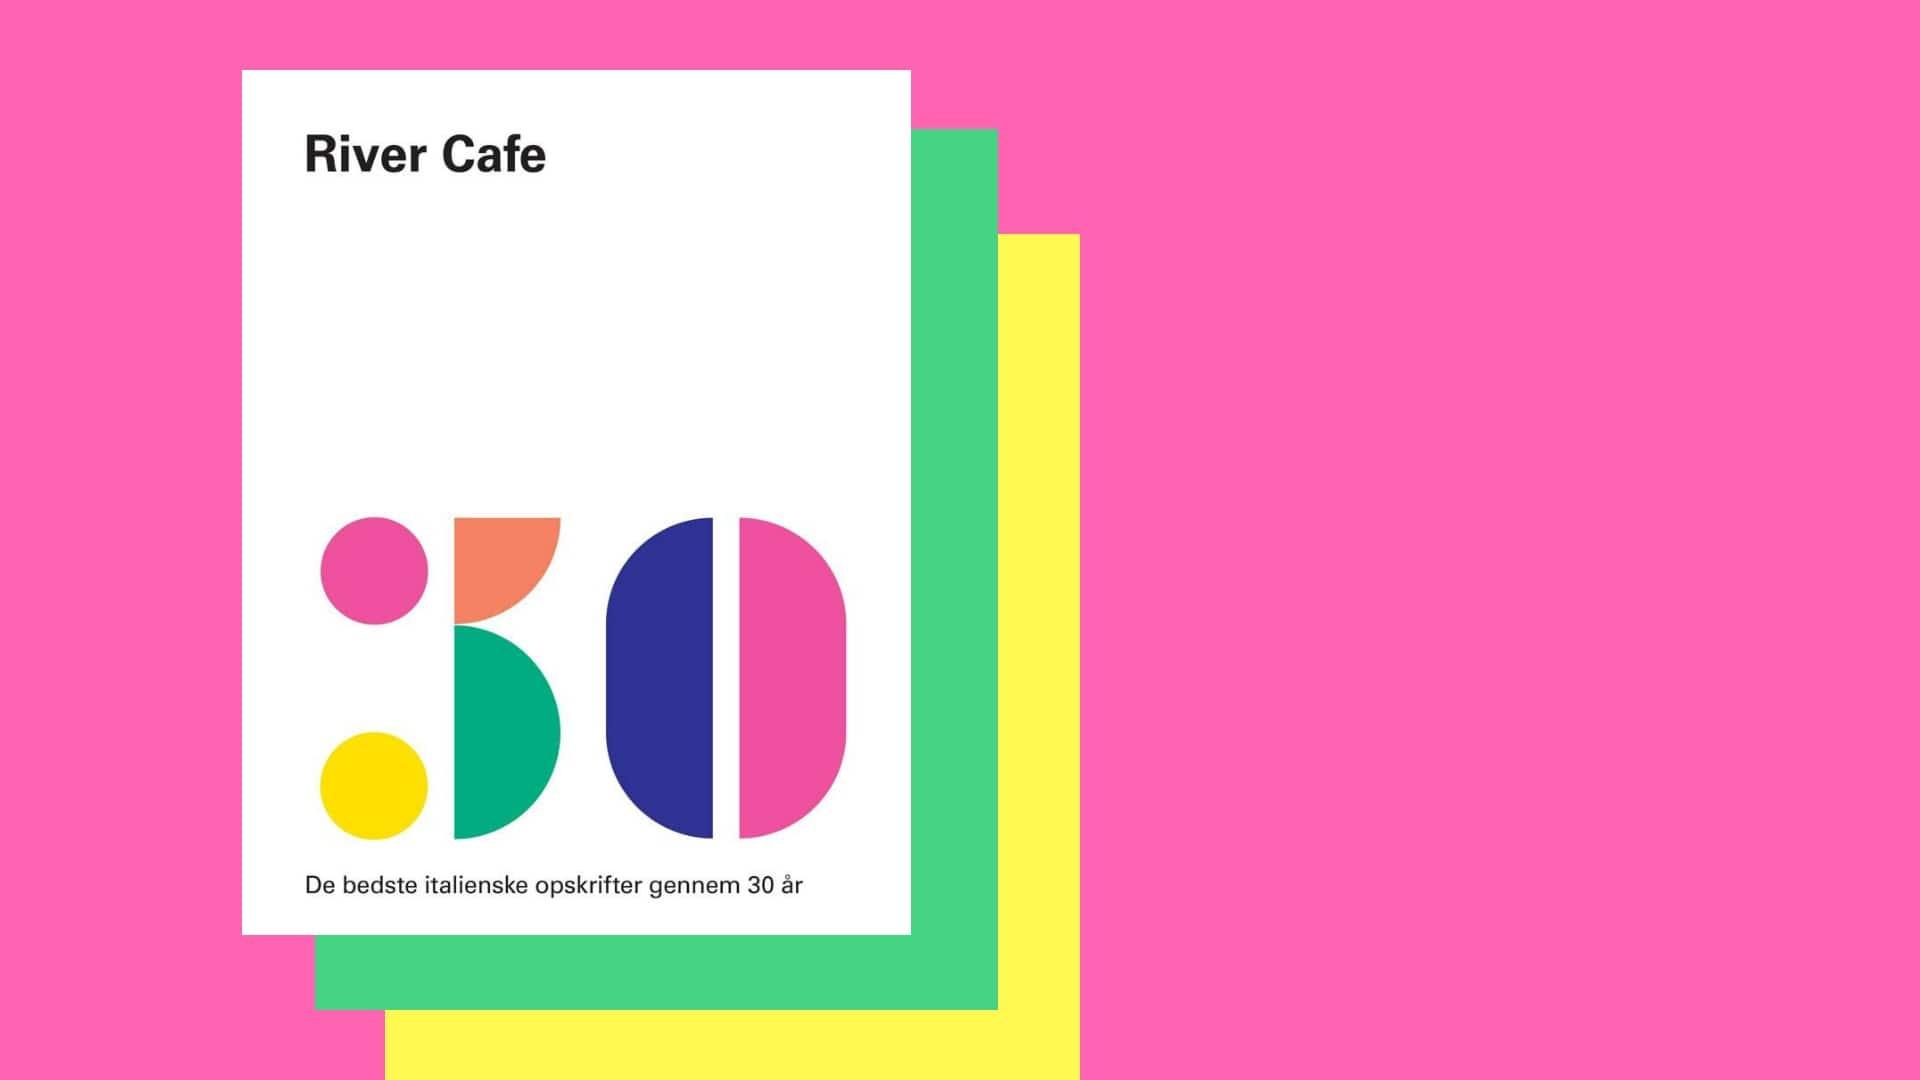 River Cafe, 30 – De bedste italienske opskrifter gennem 30 år